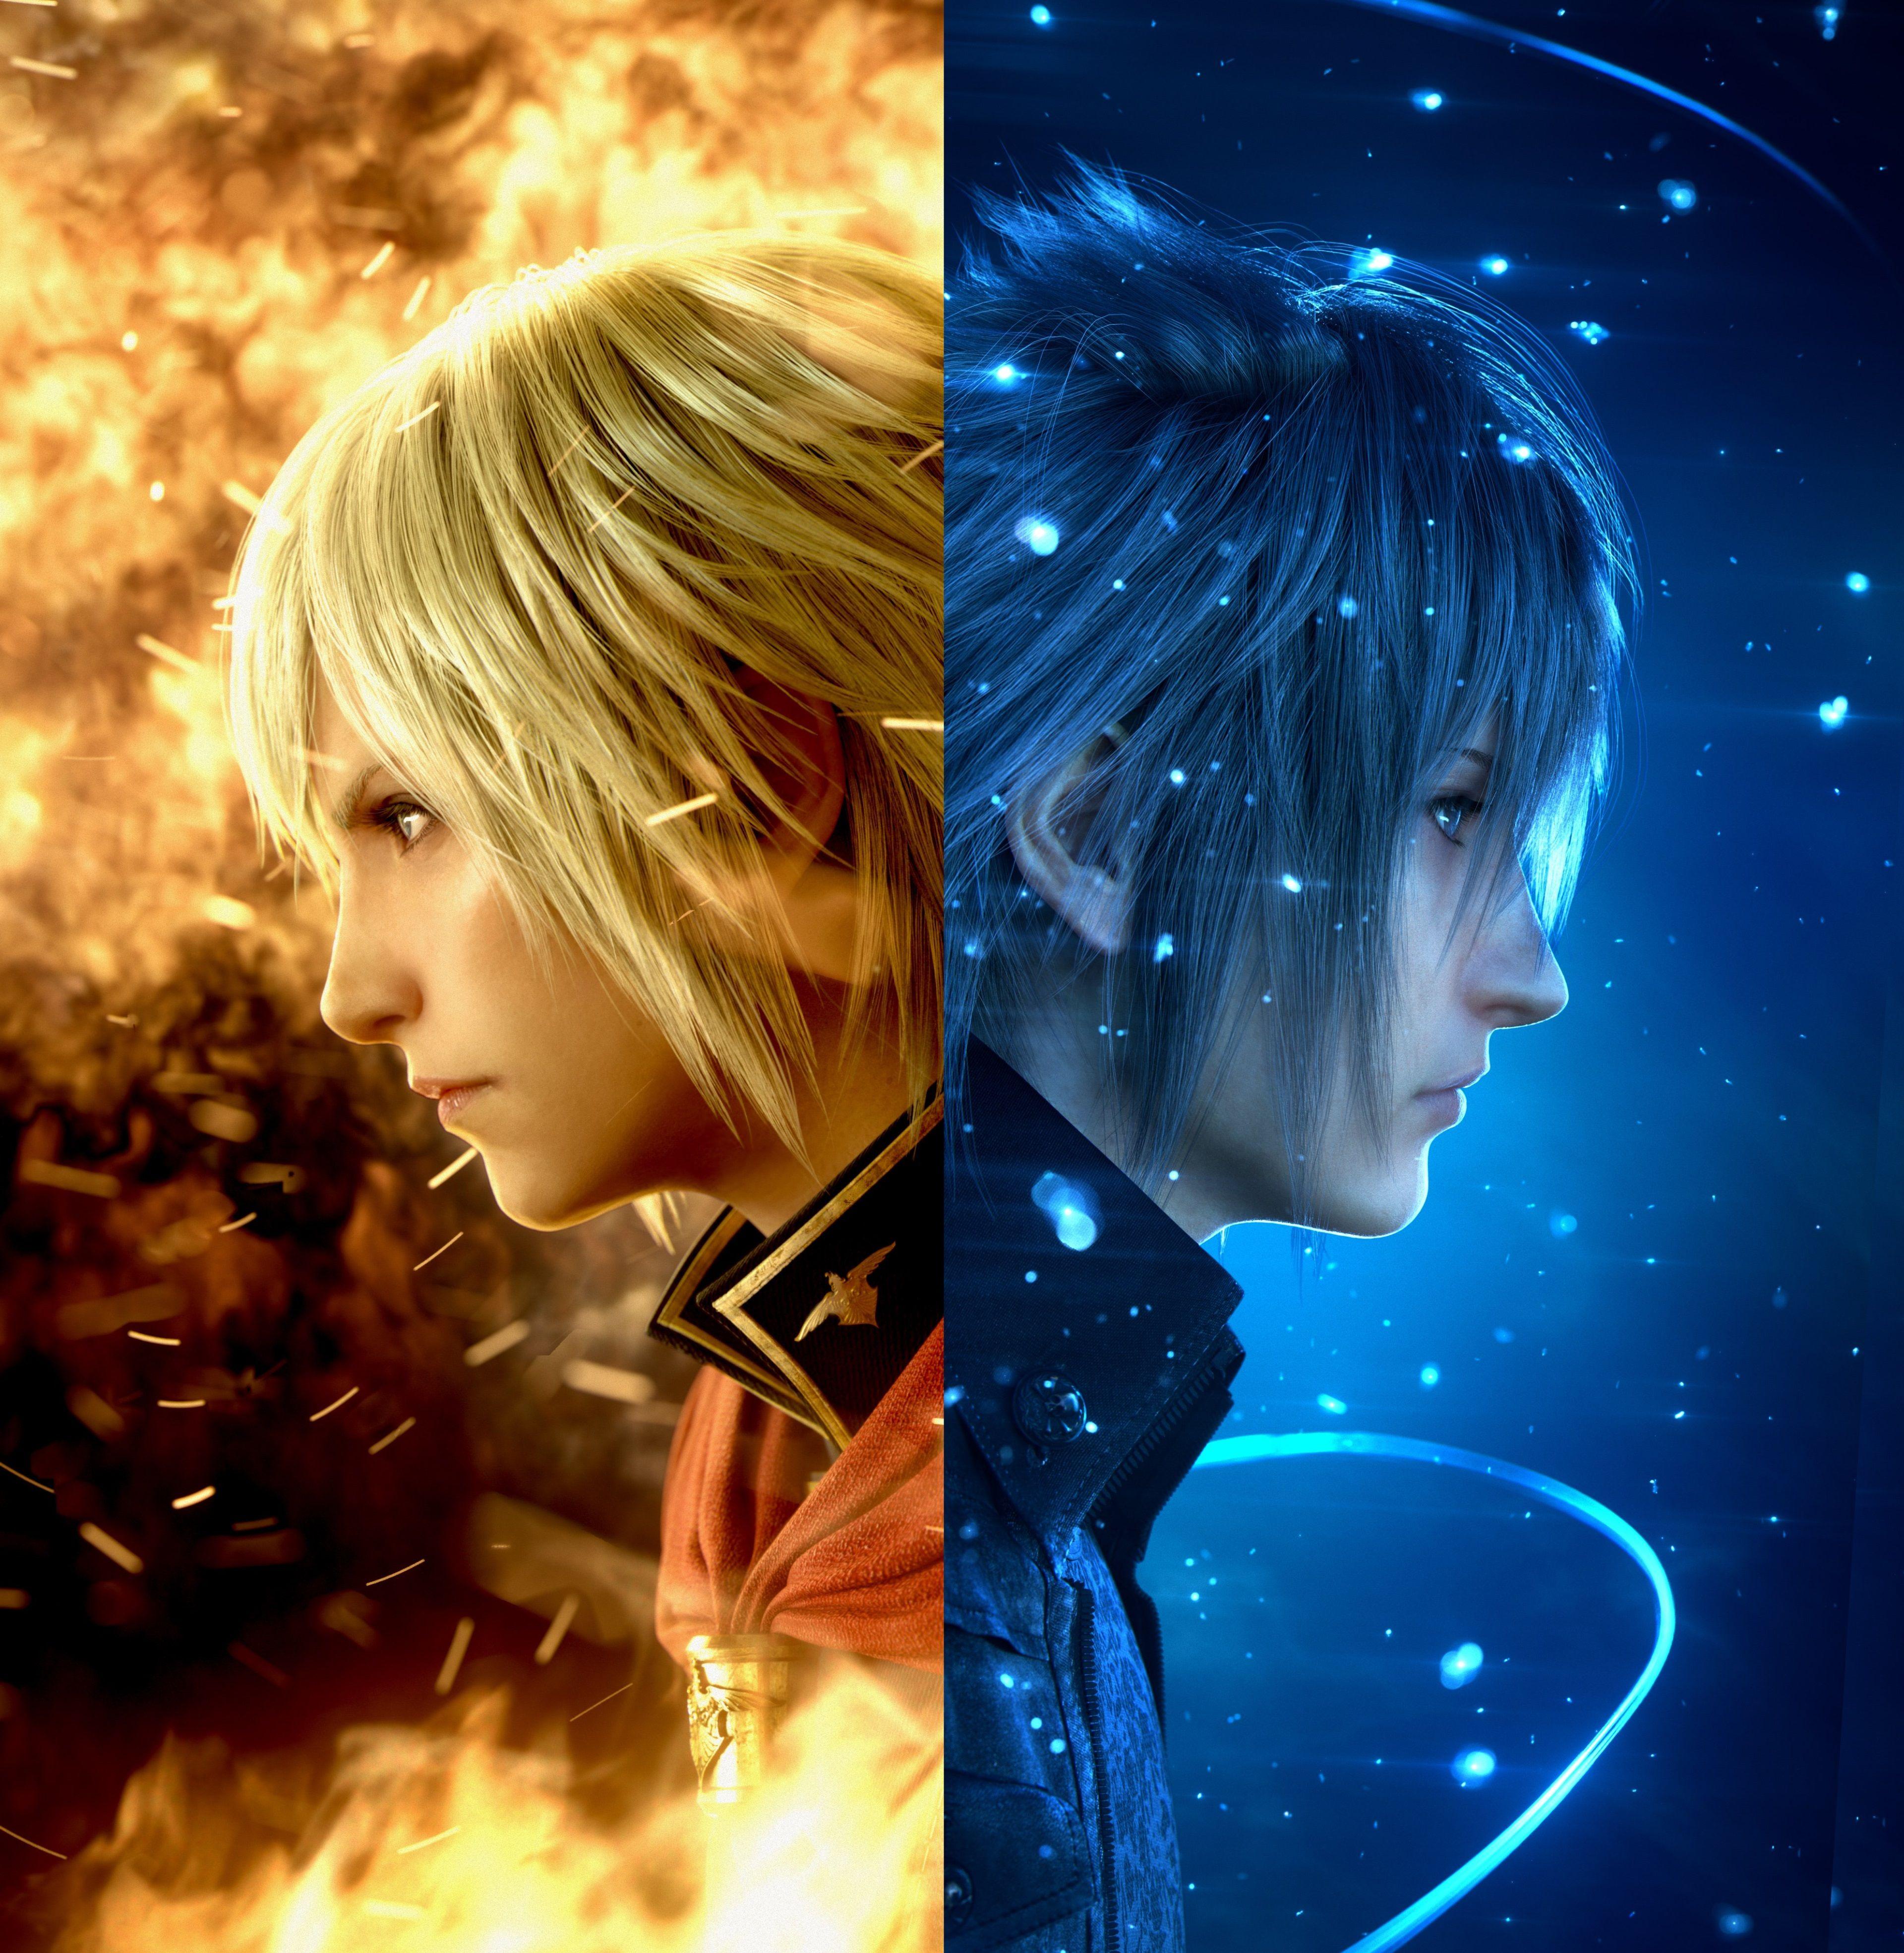 3840x3939 Final Fantasy Xv 4k Hd Free Wallpaper Final Fantasy